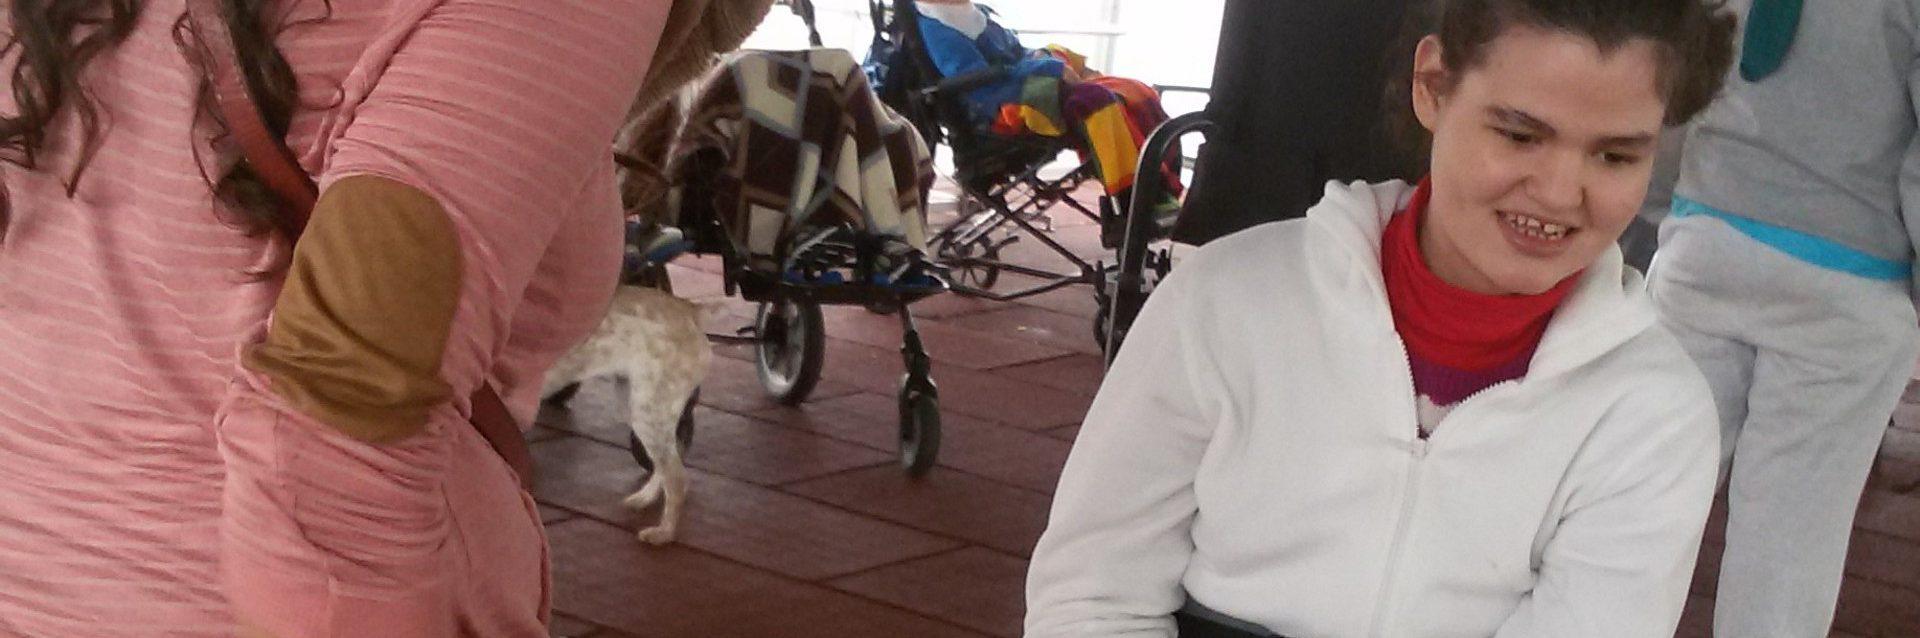 la-casita-carr-terapia-canina